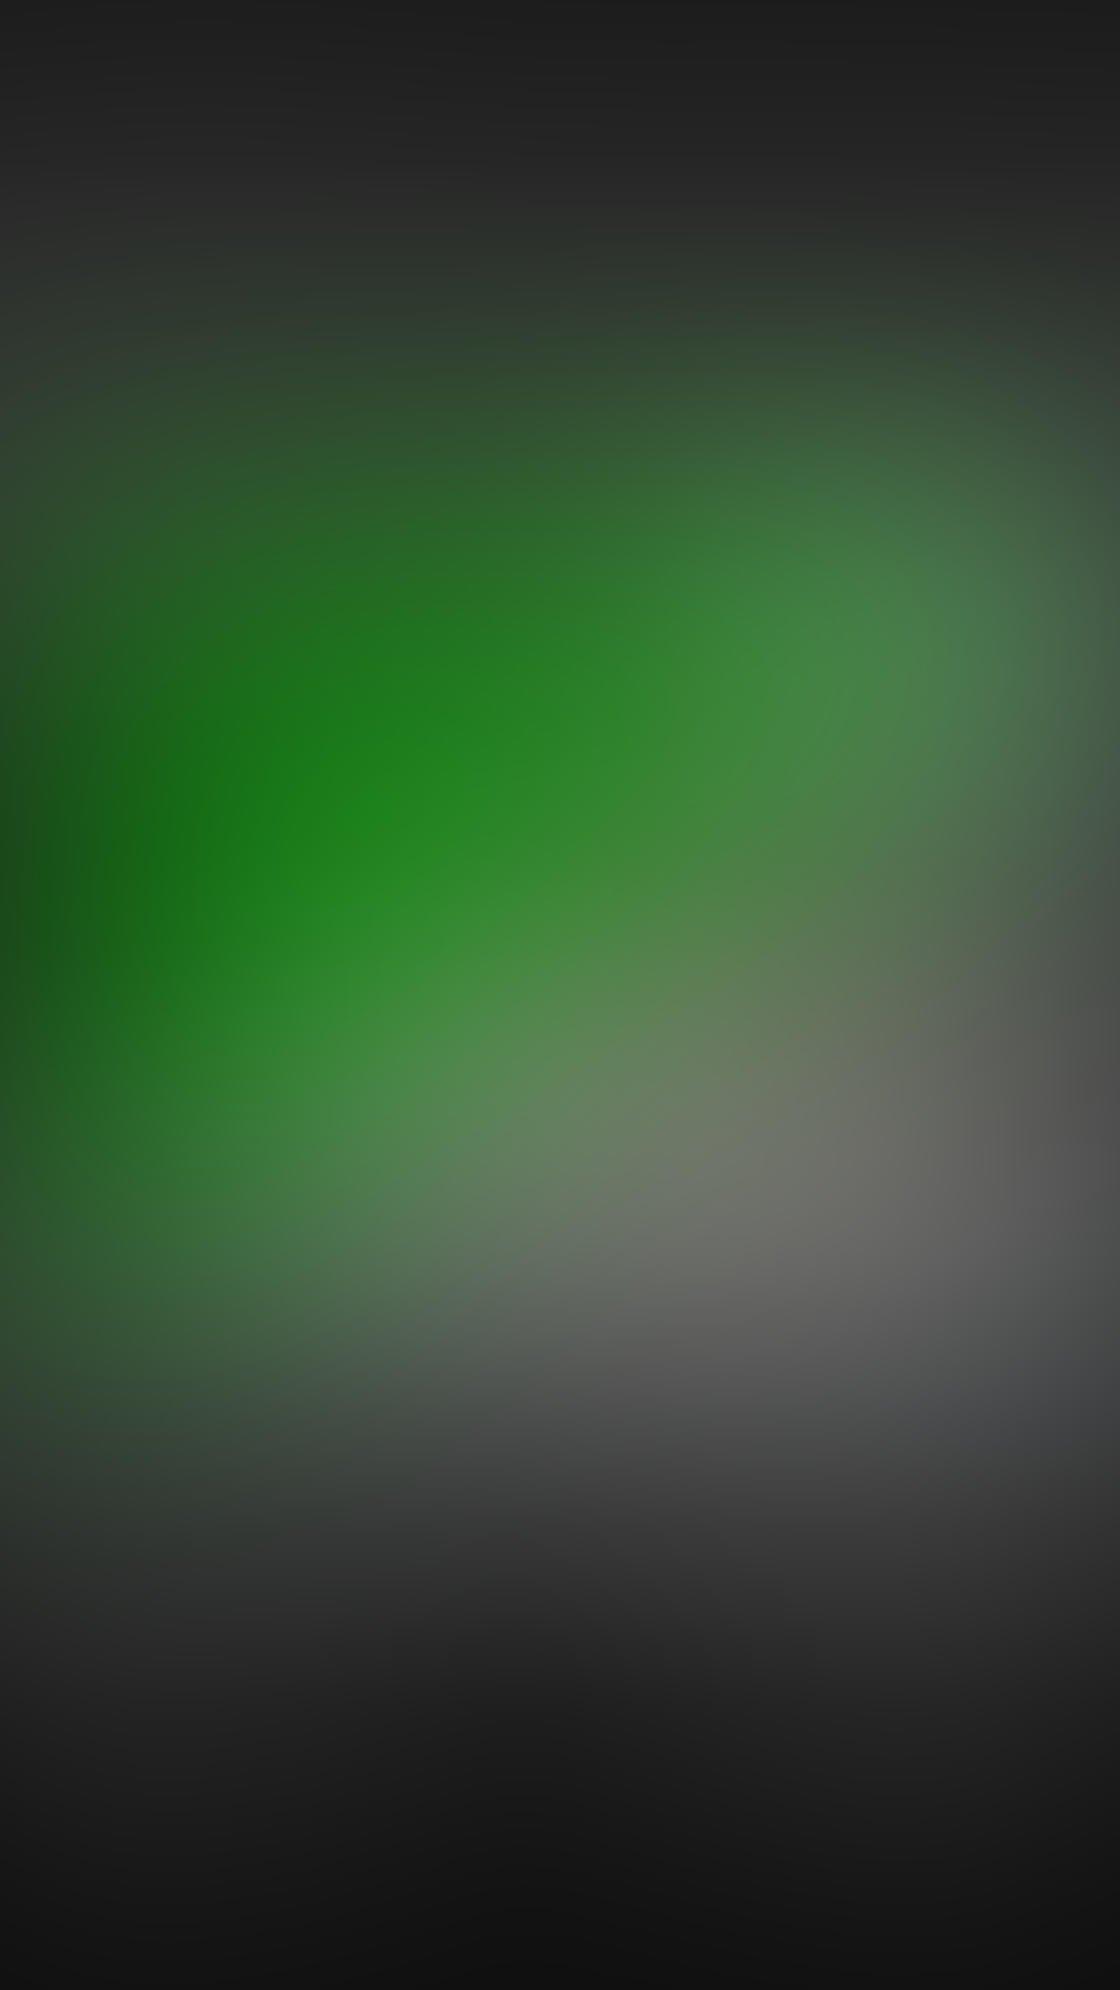 Photoshop Fix iPhone App 6